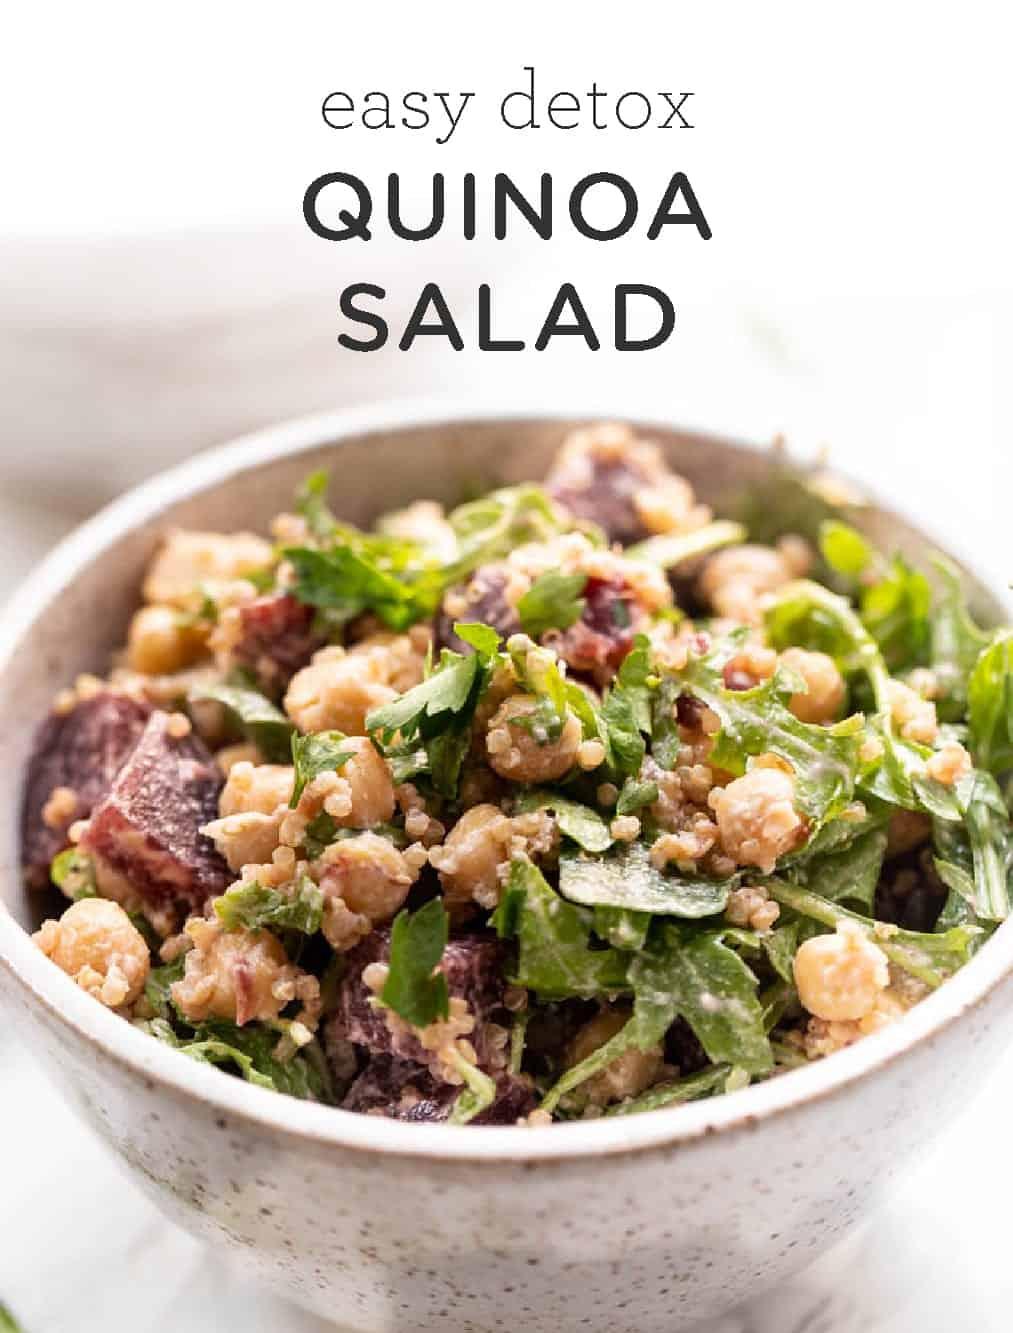 Healthy Detox Quinoa Salad